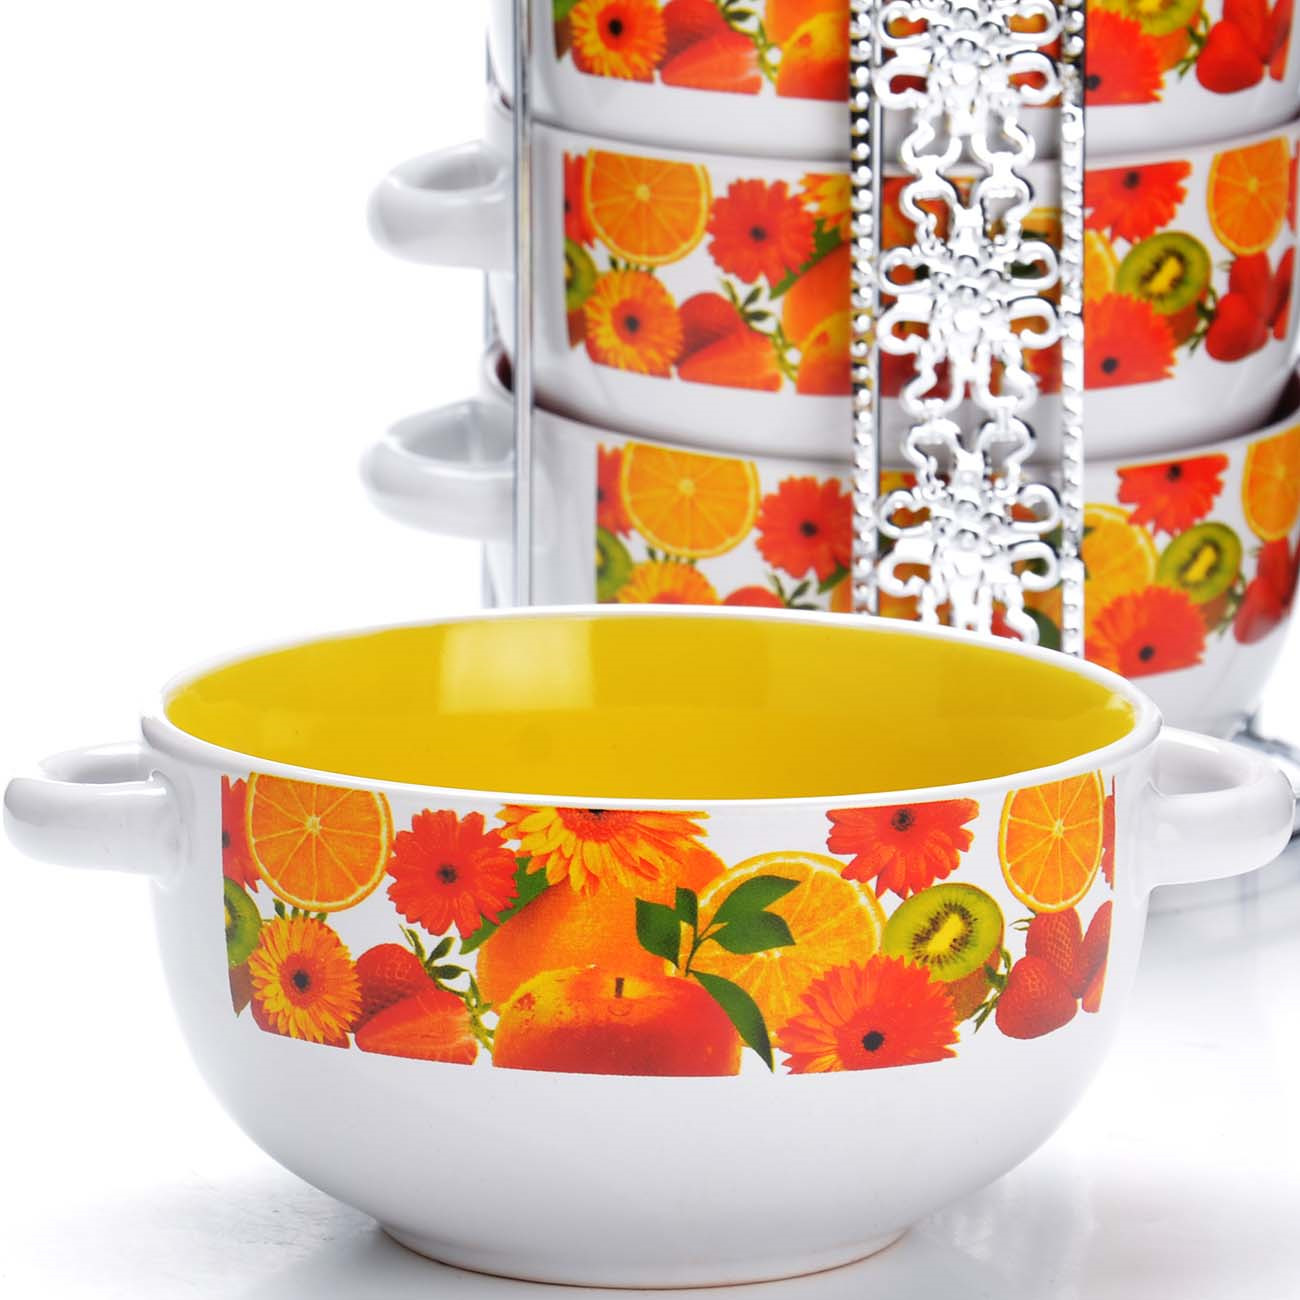 Набор супниц Loraine, на подставке, цвет: белый, желтый, красный, 540 мл, 5 шт